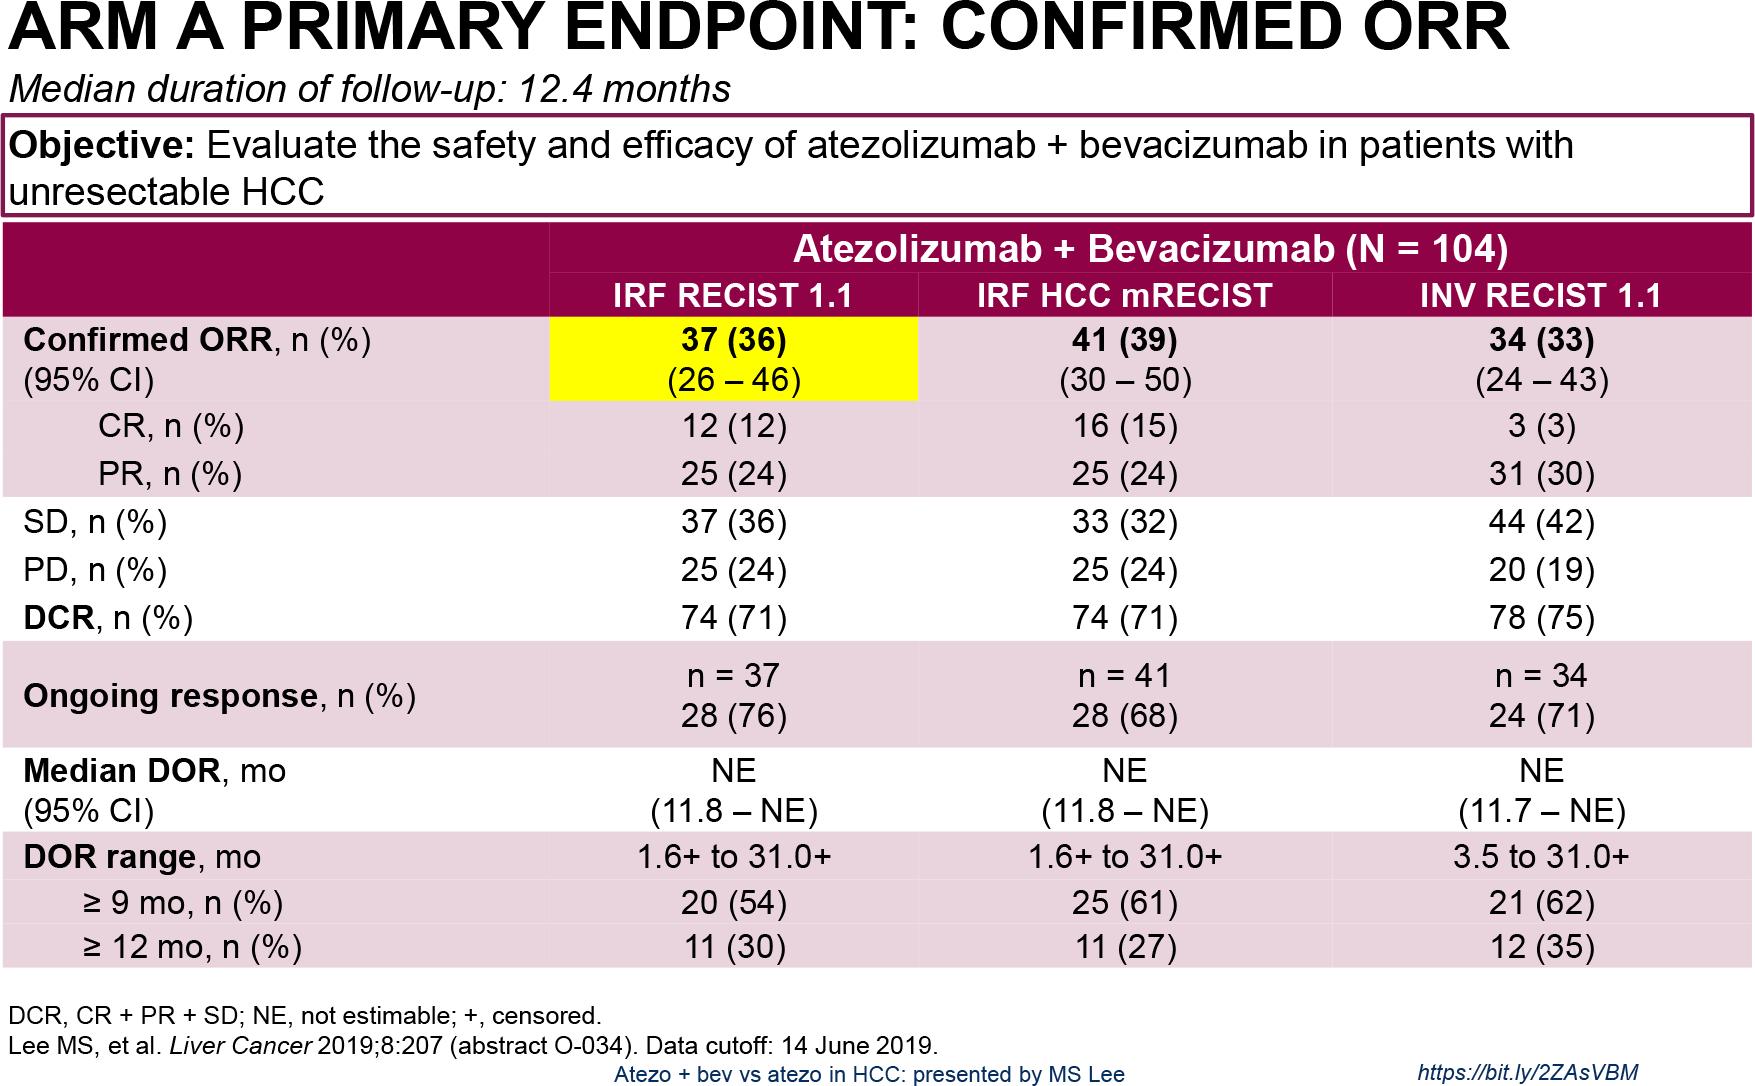 nct02715531 arm a results 01 - «Тецентрик» плюс «Авастин»: иммуноонкологическое лечение гепатоцеллюлярной карциномы